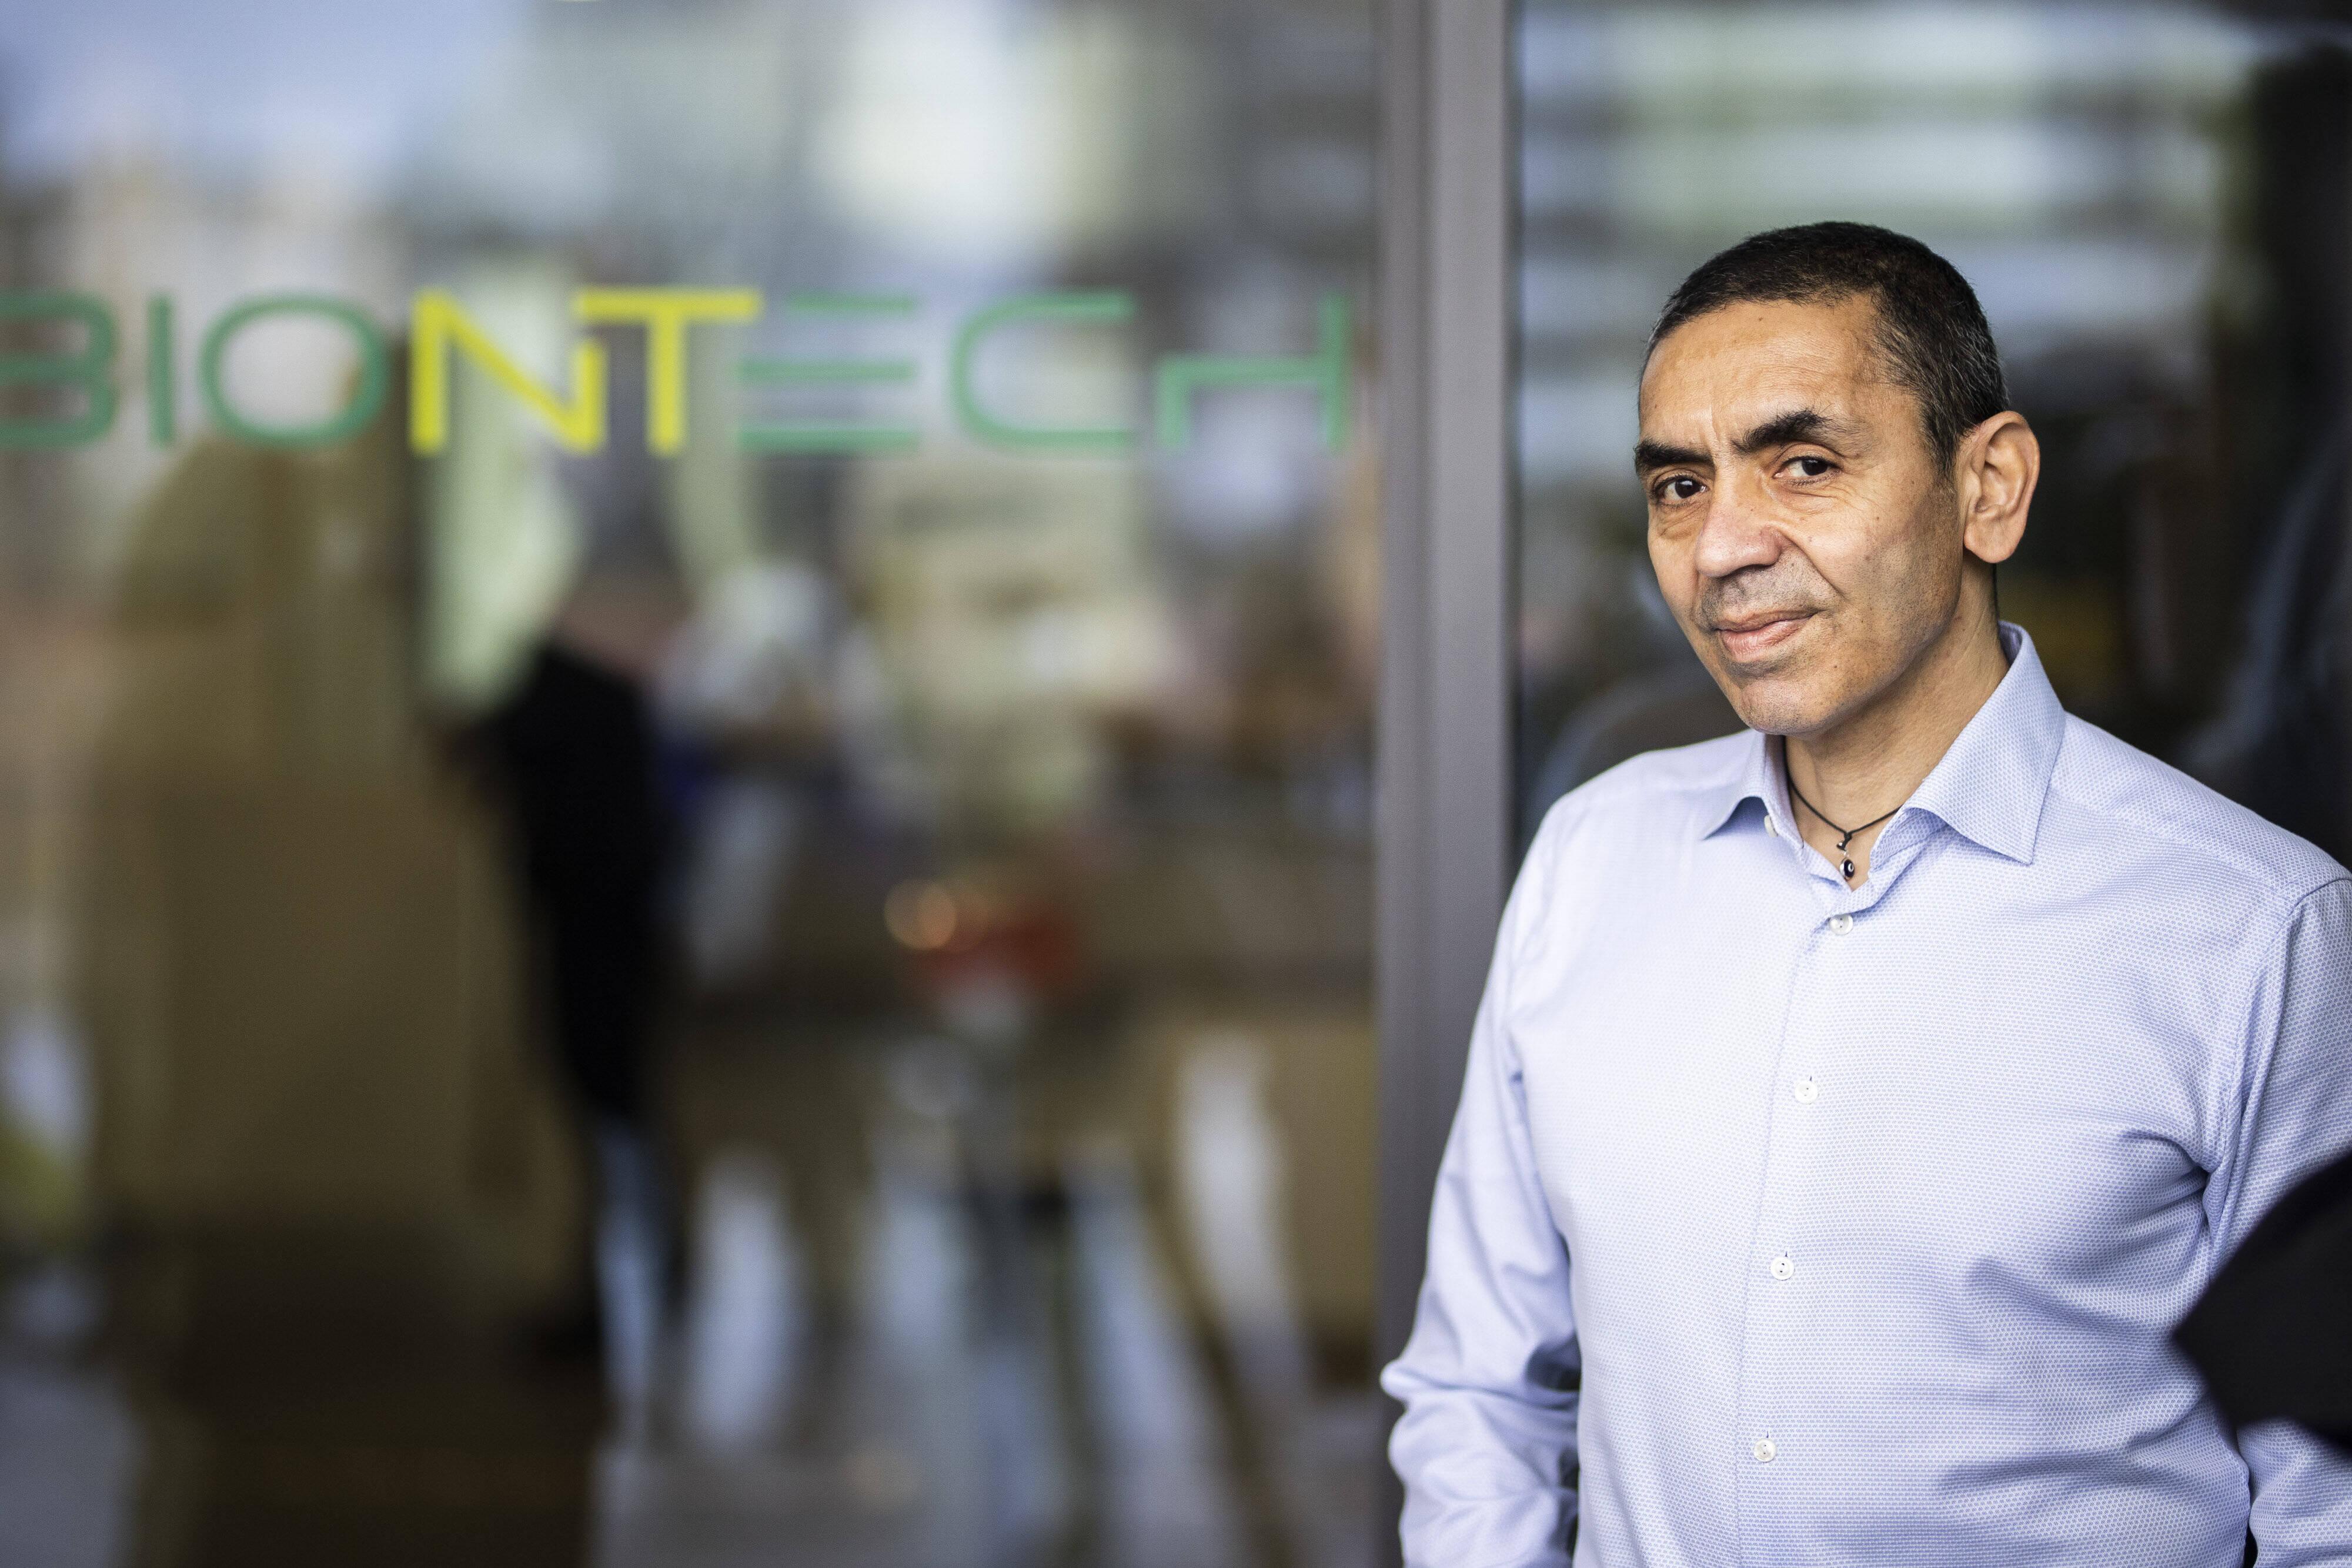 BioNTech kurucusu Uğur Şahin, Türkiye'ye geliyor! Aşılamaya destek verecek